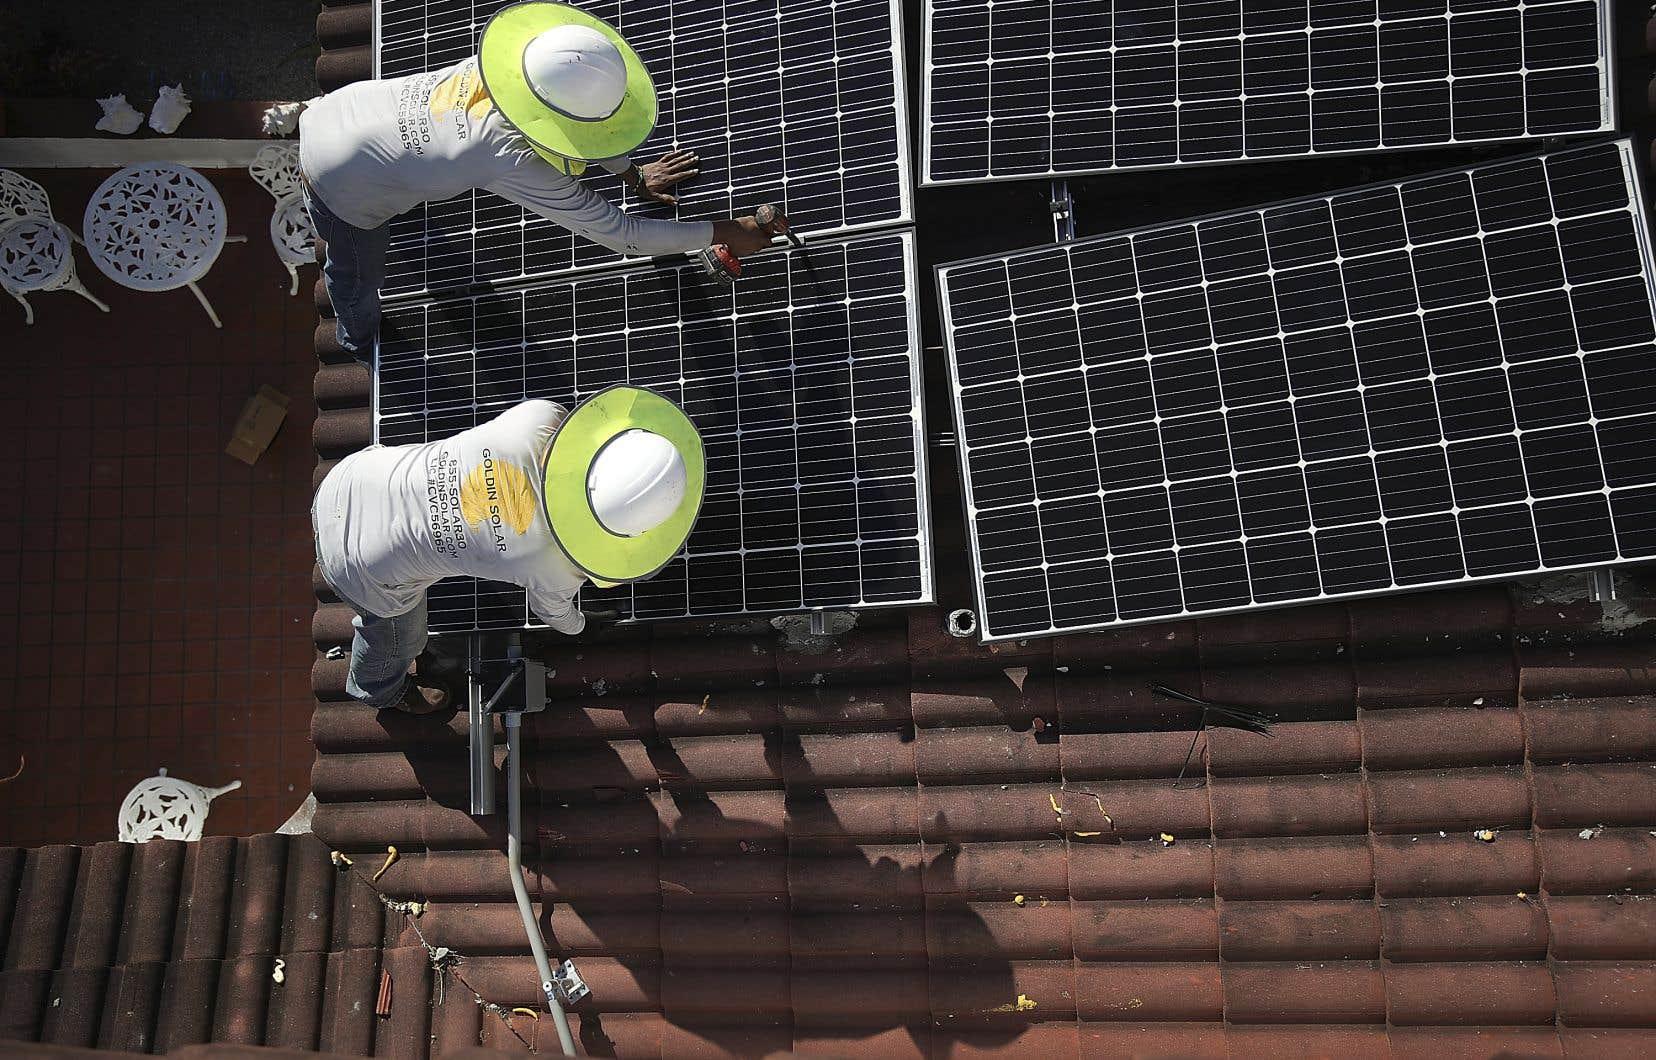 Chez les particuliers, le nombre de toitures équipées de panneaux solaires photovoltaïques devrait doubler, à environ 100 millions d'ici cinq ans — soit 6% du potentiel de surface de toits disponible.